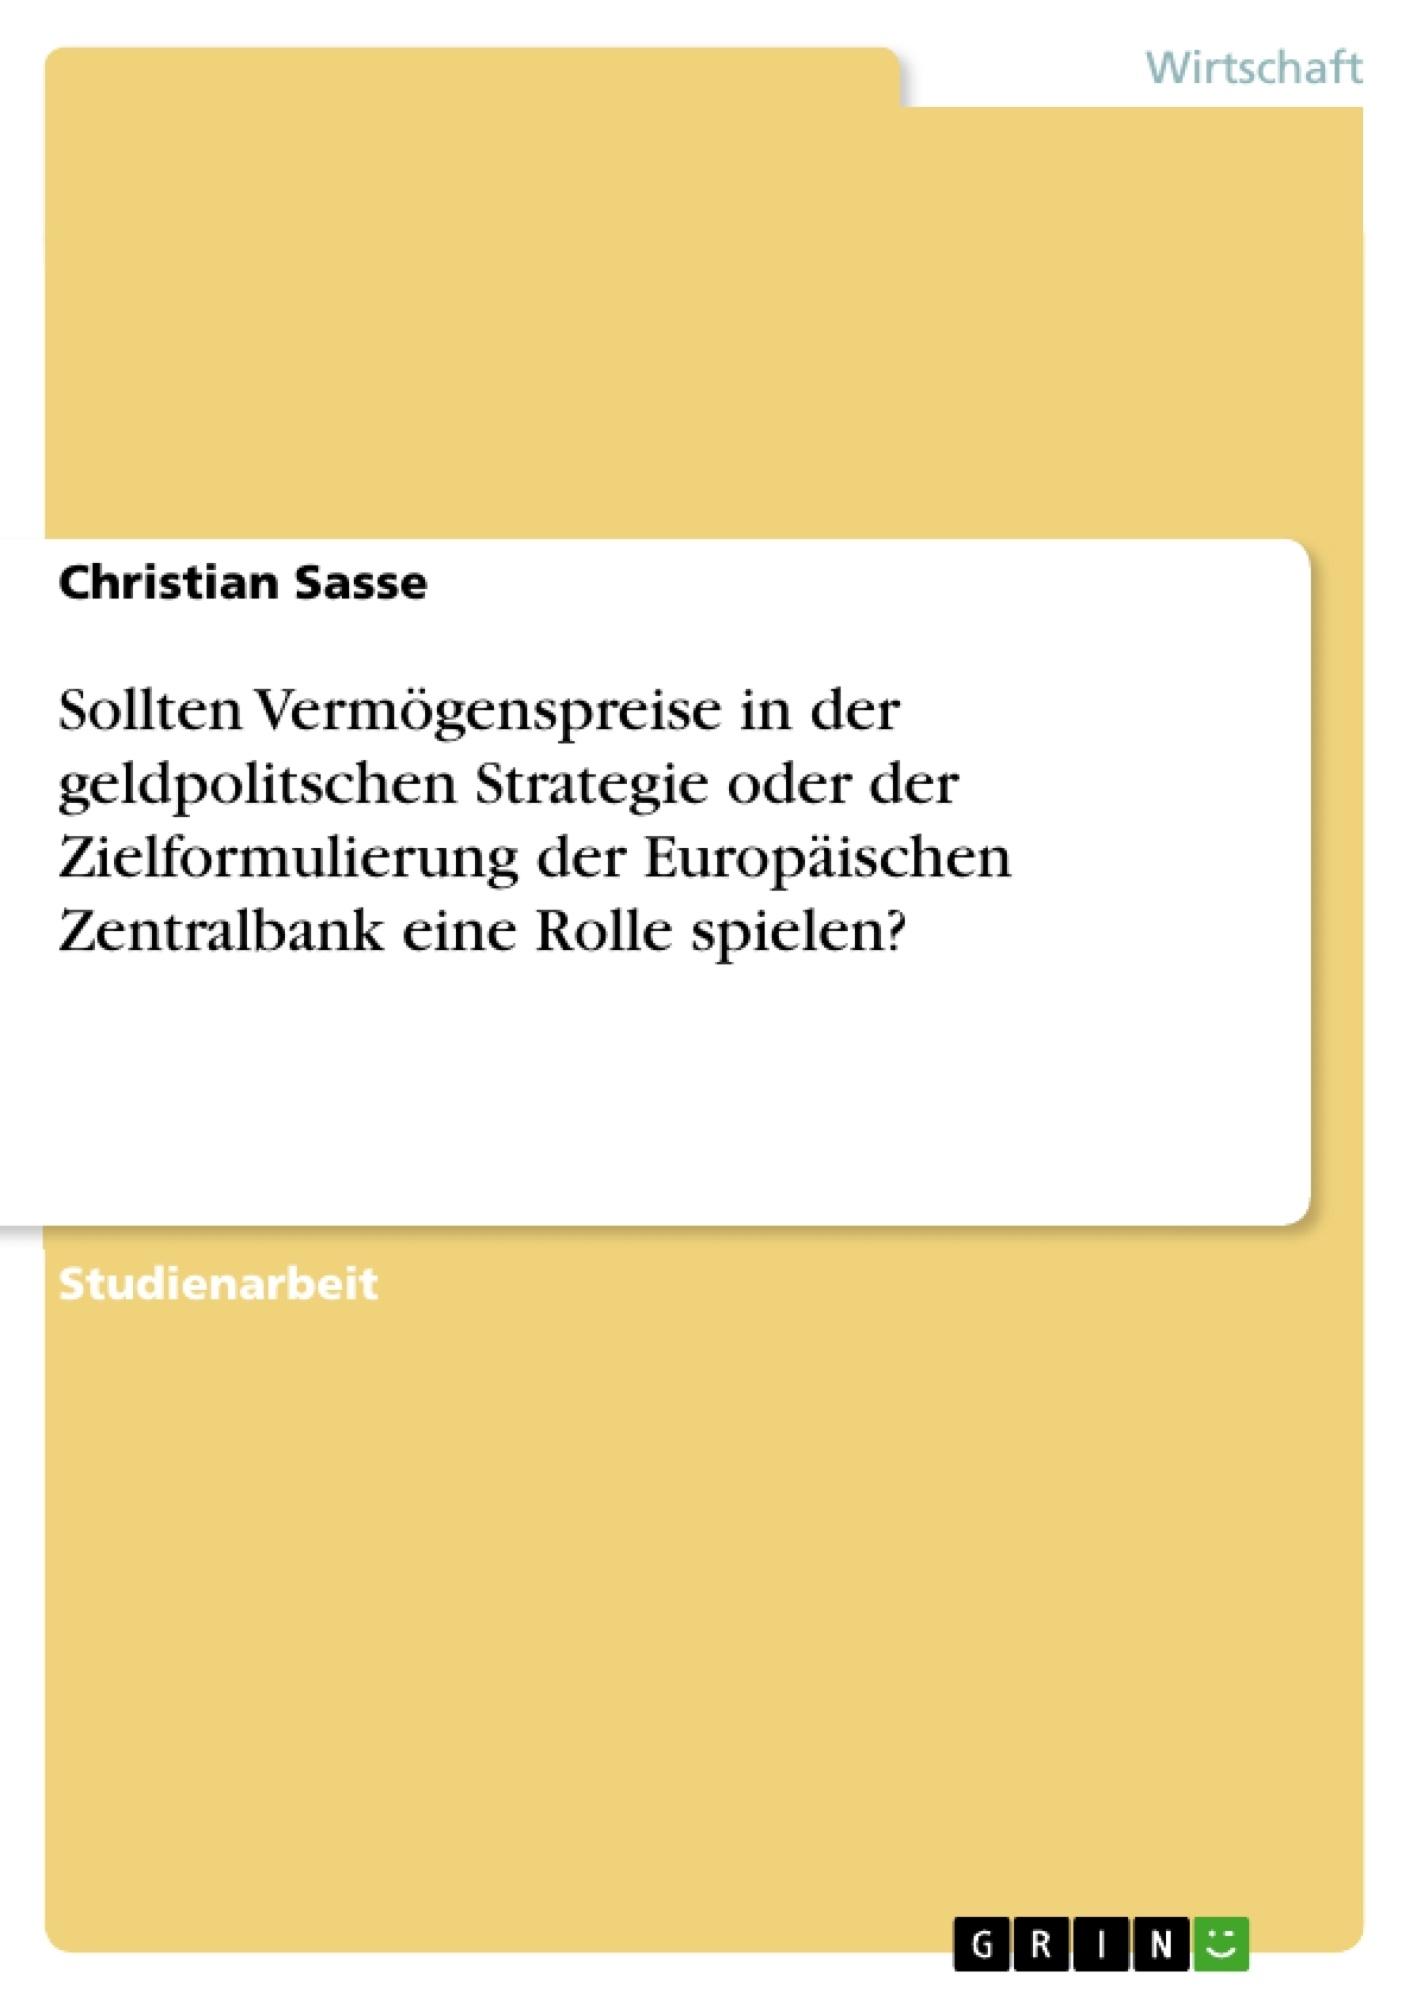 Titel: Sollten Vermögenspreise in der geldpolitschen Strategie oder der Zielformulierung der Europäischen Zentralbank eine Rolle spielen?